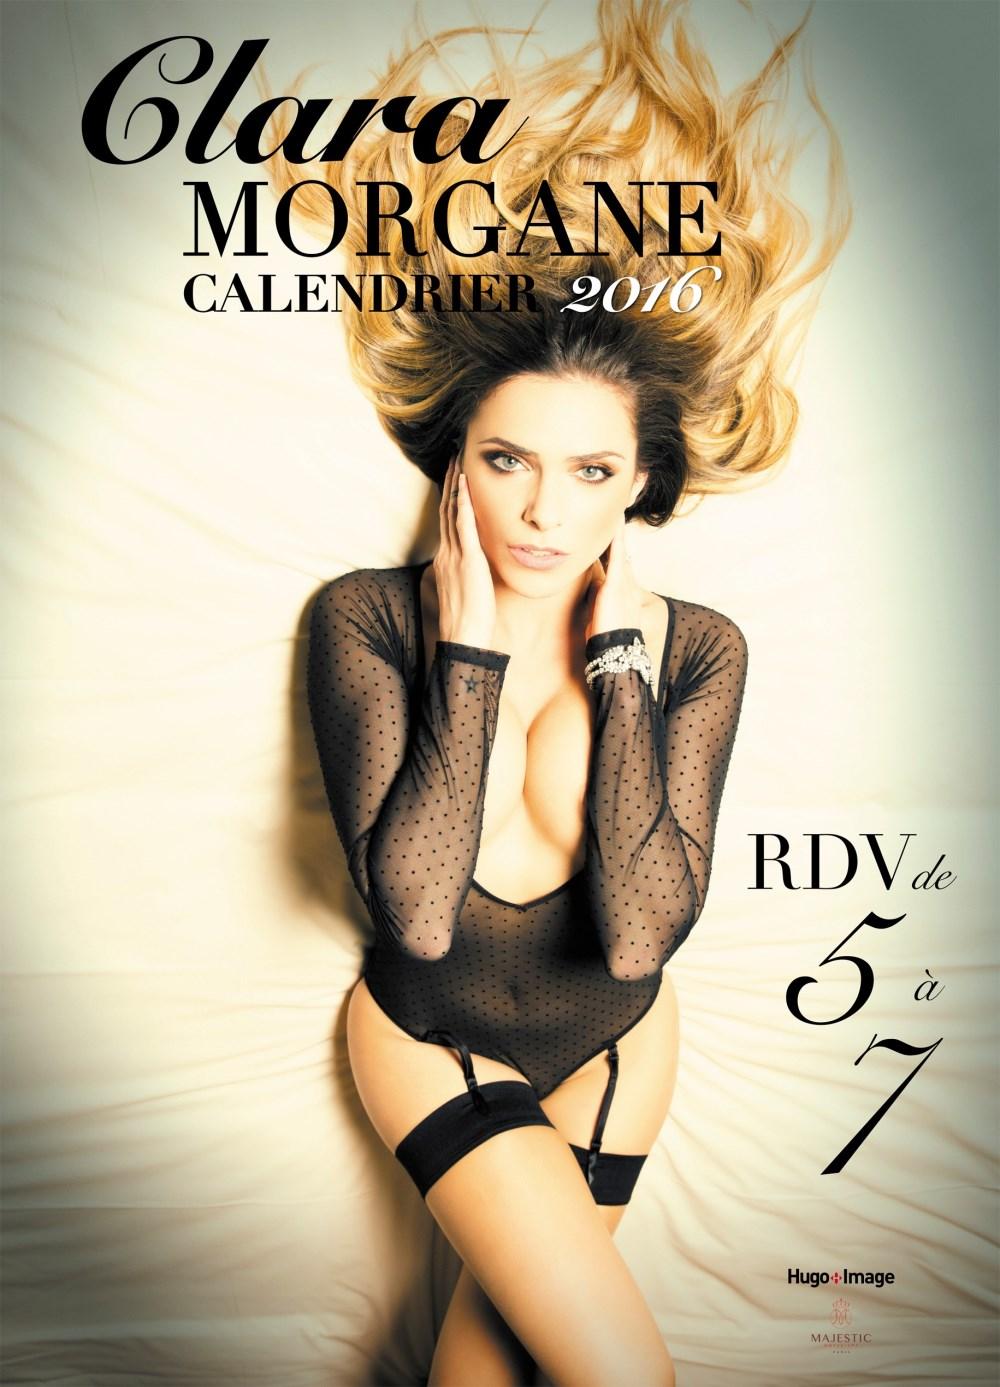 Clara Morgane sexy en couverture de son calendrier 2016